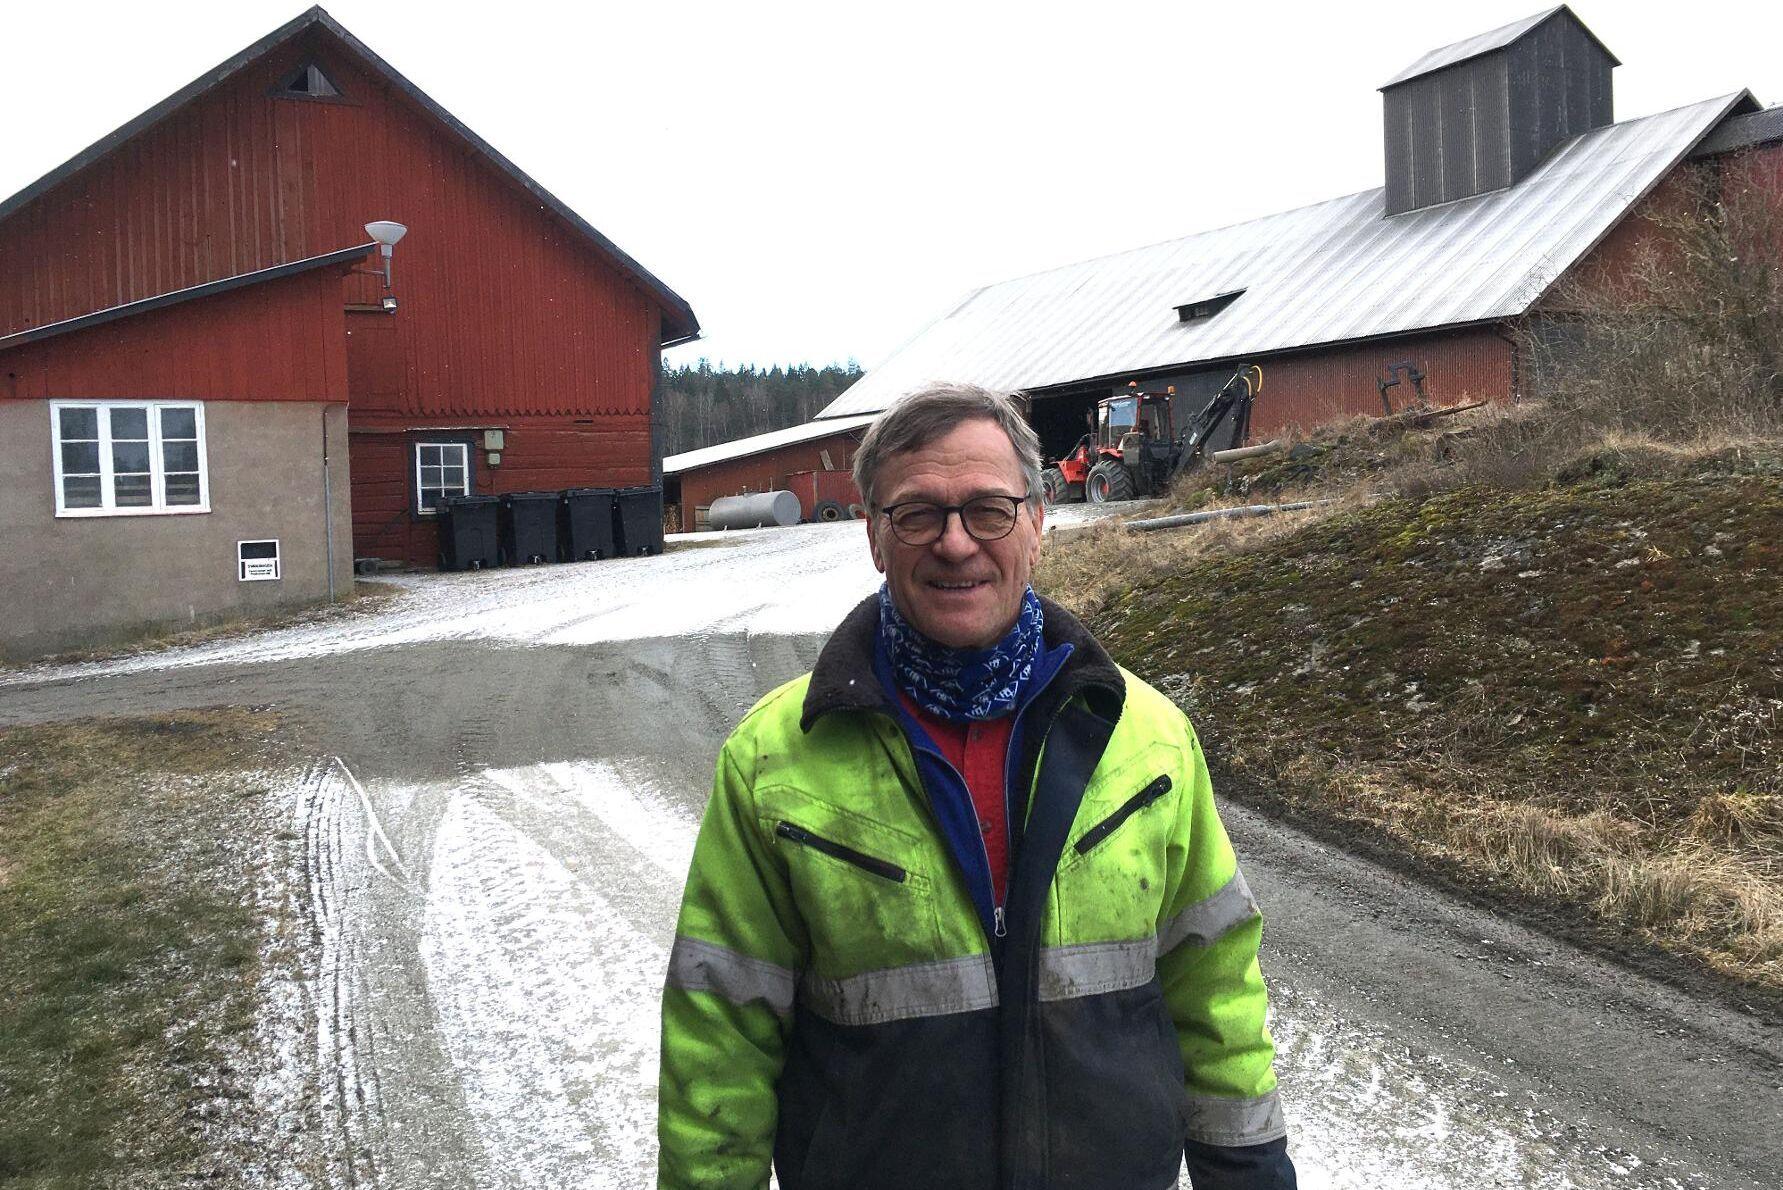 Nytt betningsmedel mot insekter gör att Håkan Svanäng som driver Svanäng Lantbruk mellan Uppsala och Stockholm återigen vågar testa vårraps efter flera års uppehåll.